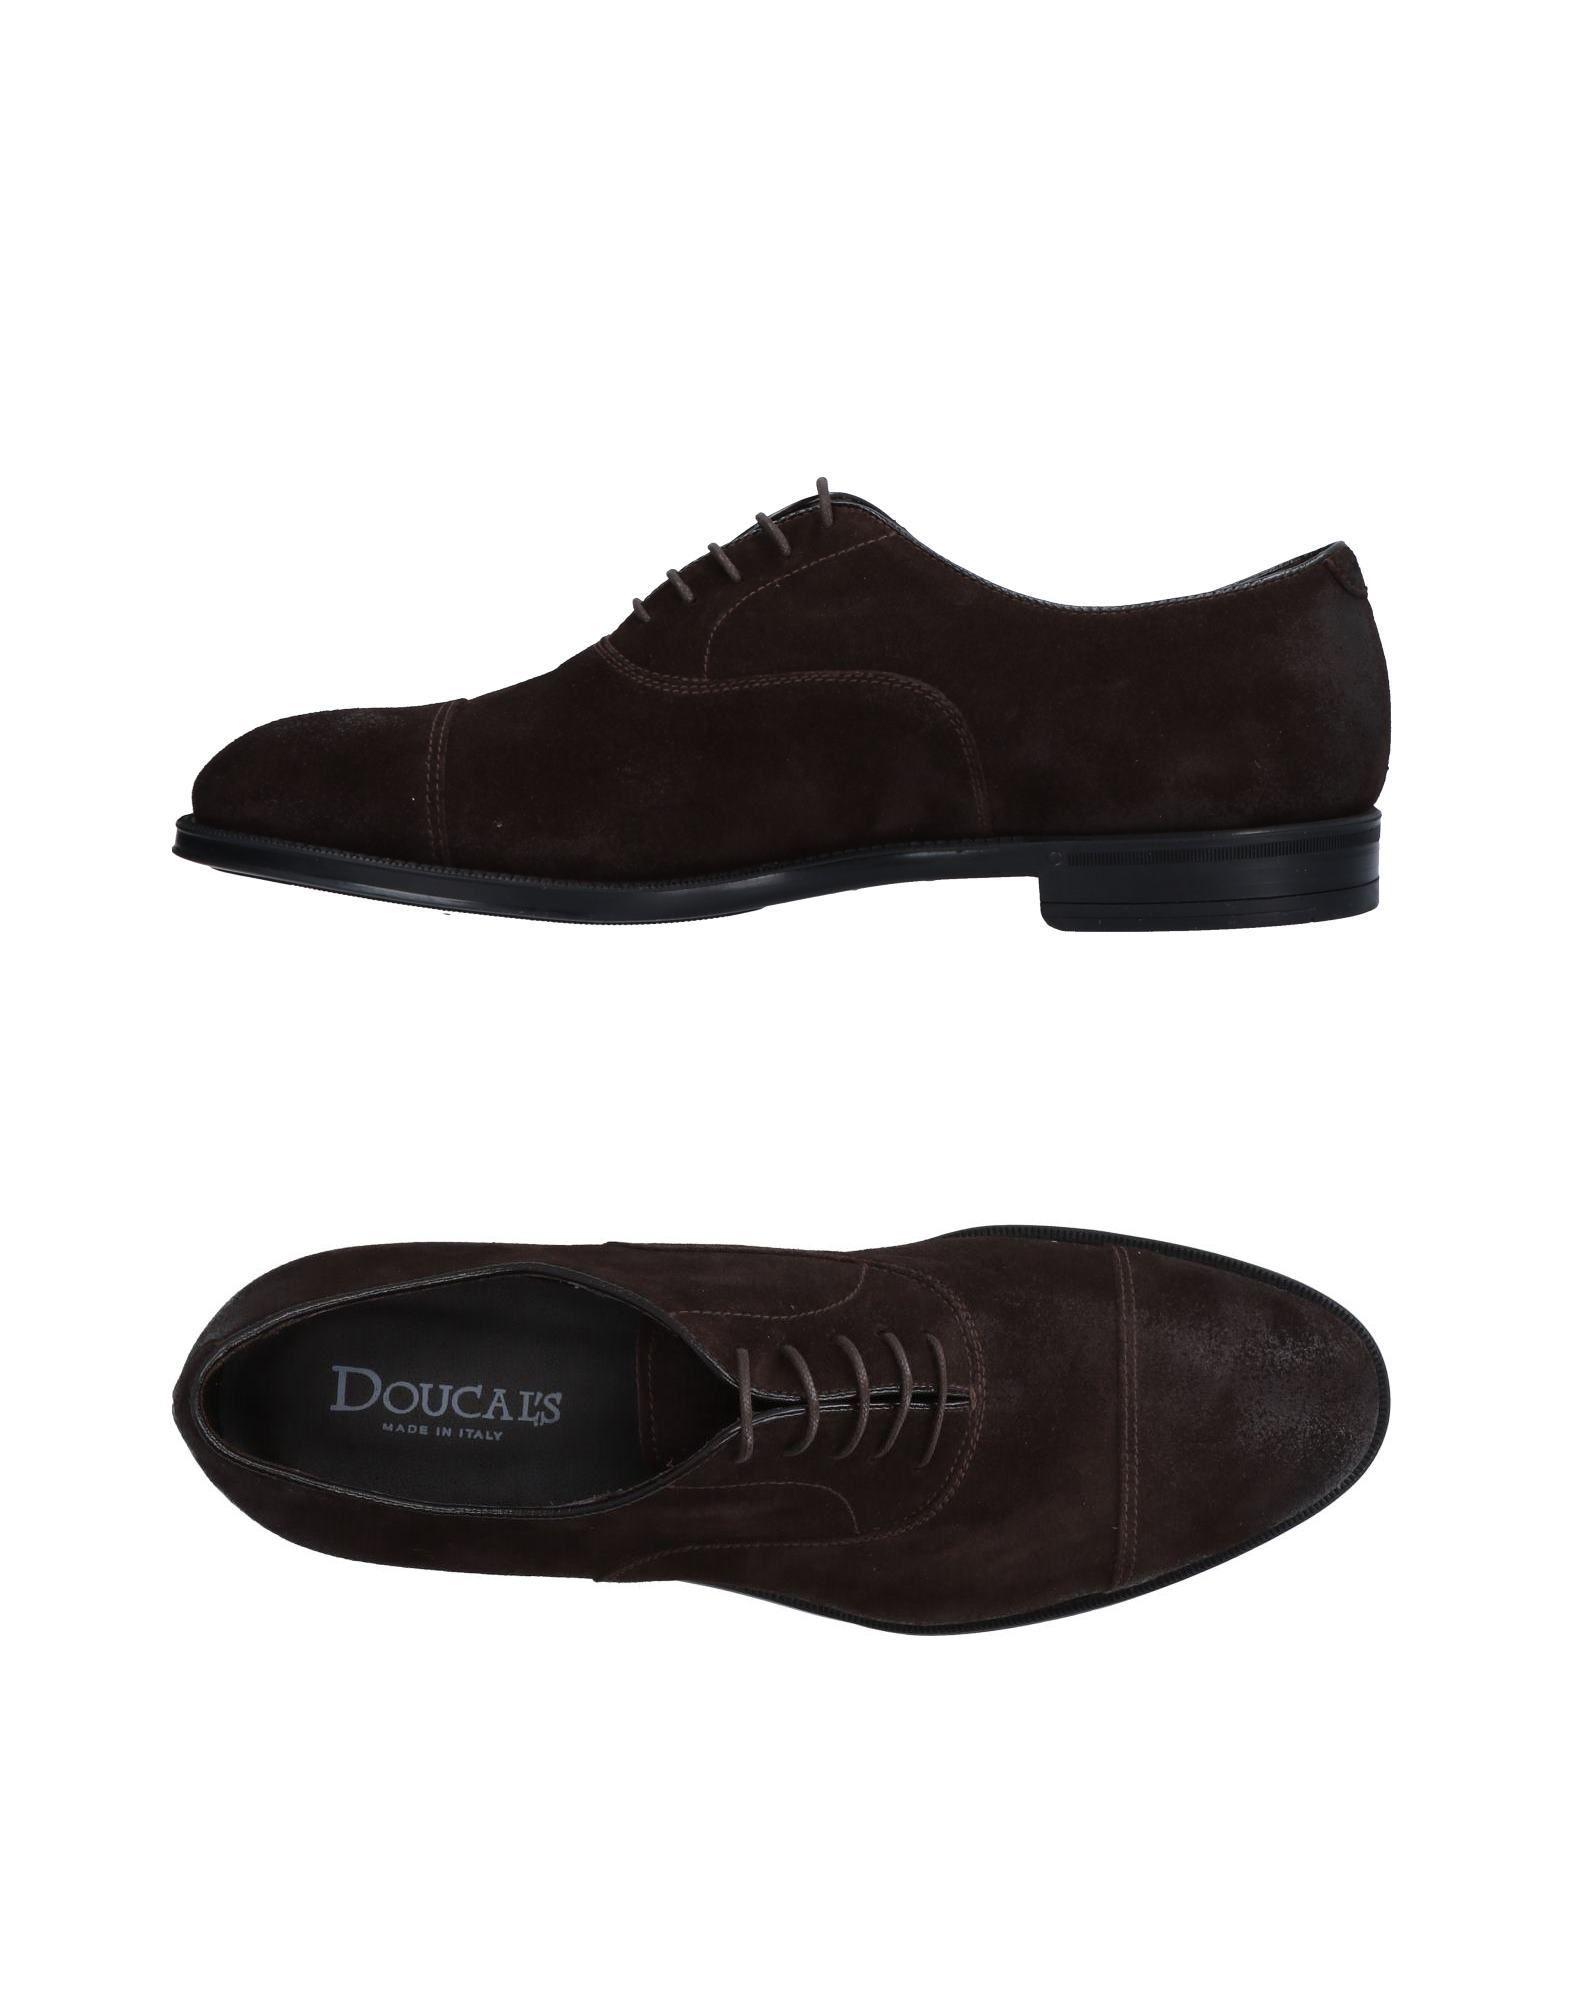 Cómodo  y bien parecido  Cómodo Zapato De Cordones Doucal's Hombre - Zapatos De Cordones Doucal's 880e1c